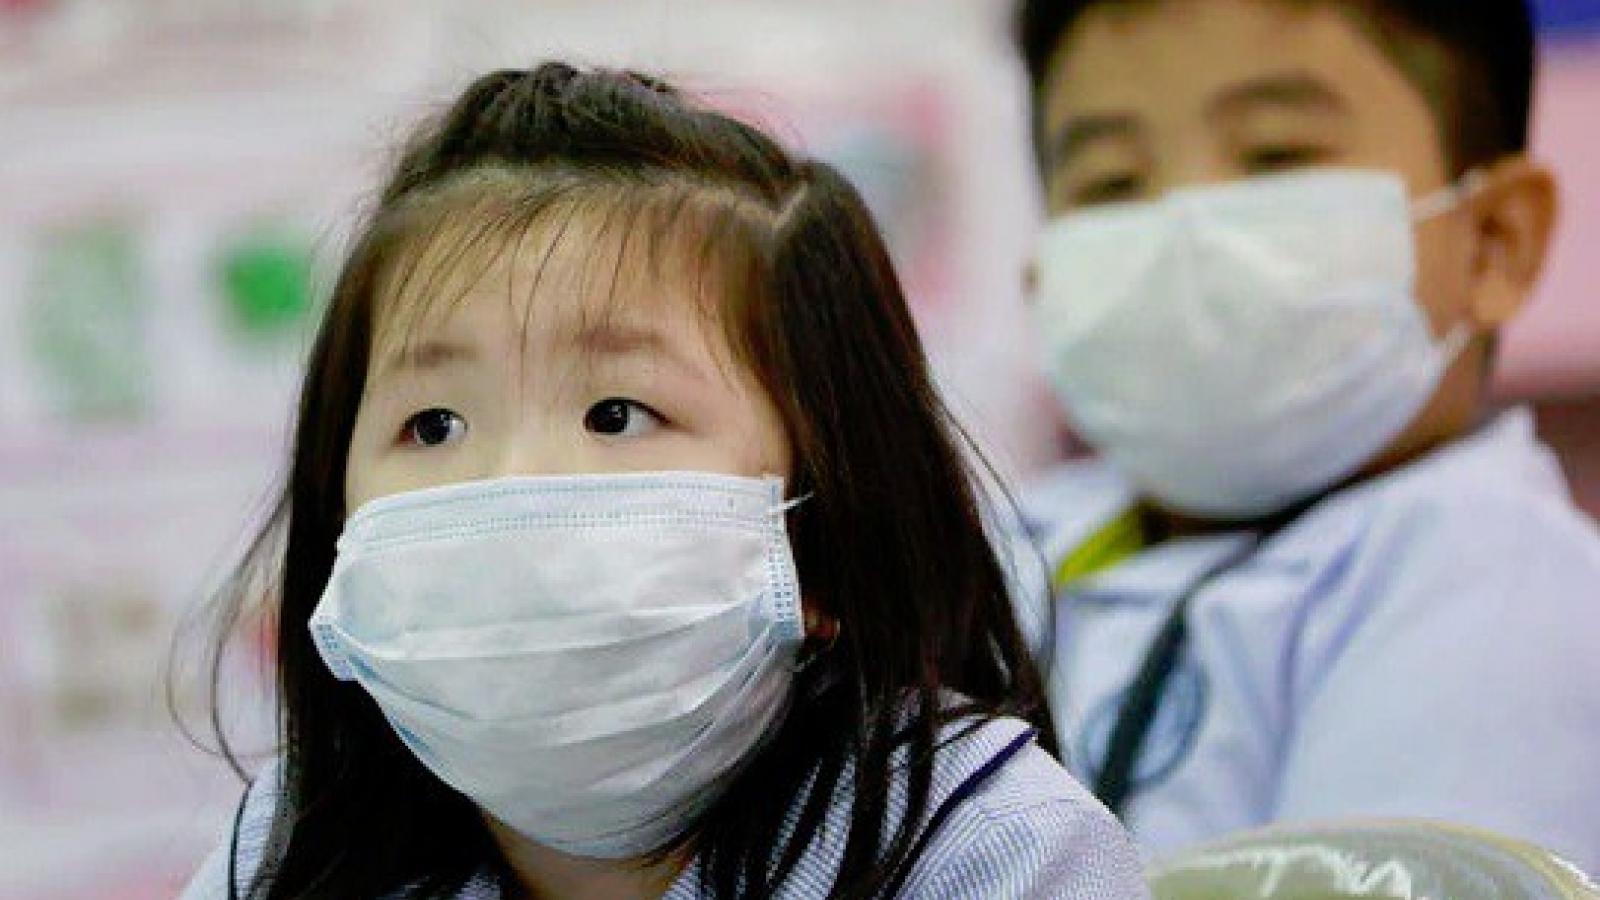 UNICEF yêu cầu quỹ hỗ trợ ảnh hưởng của Covid-19 lên tới 1,6 tỷ USD